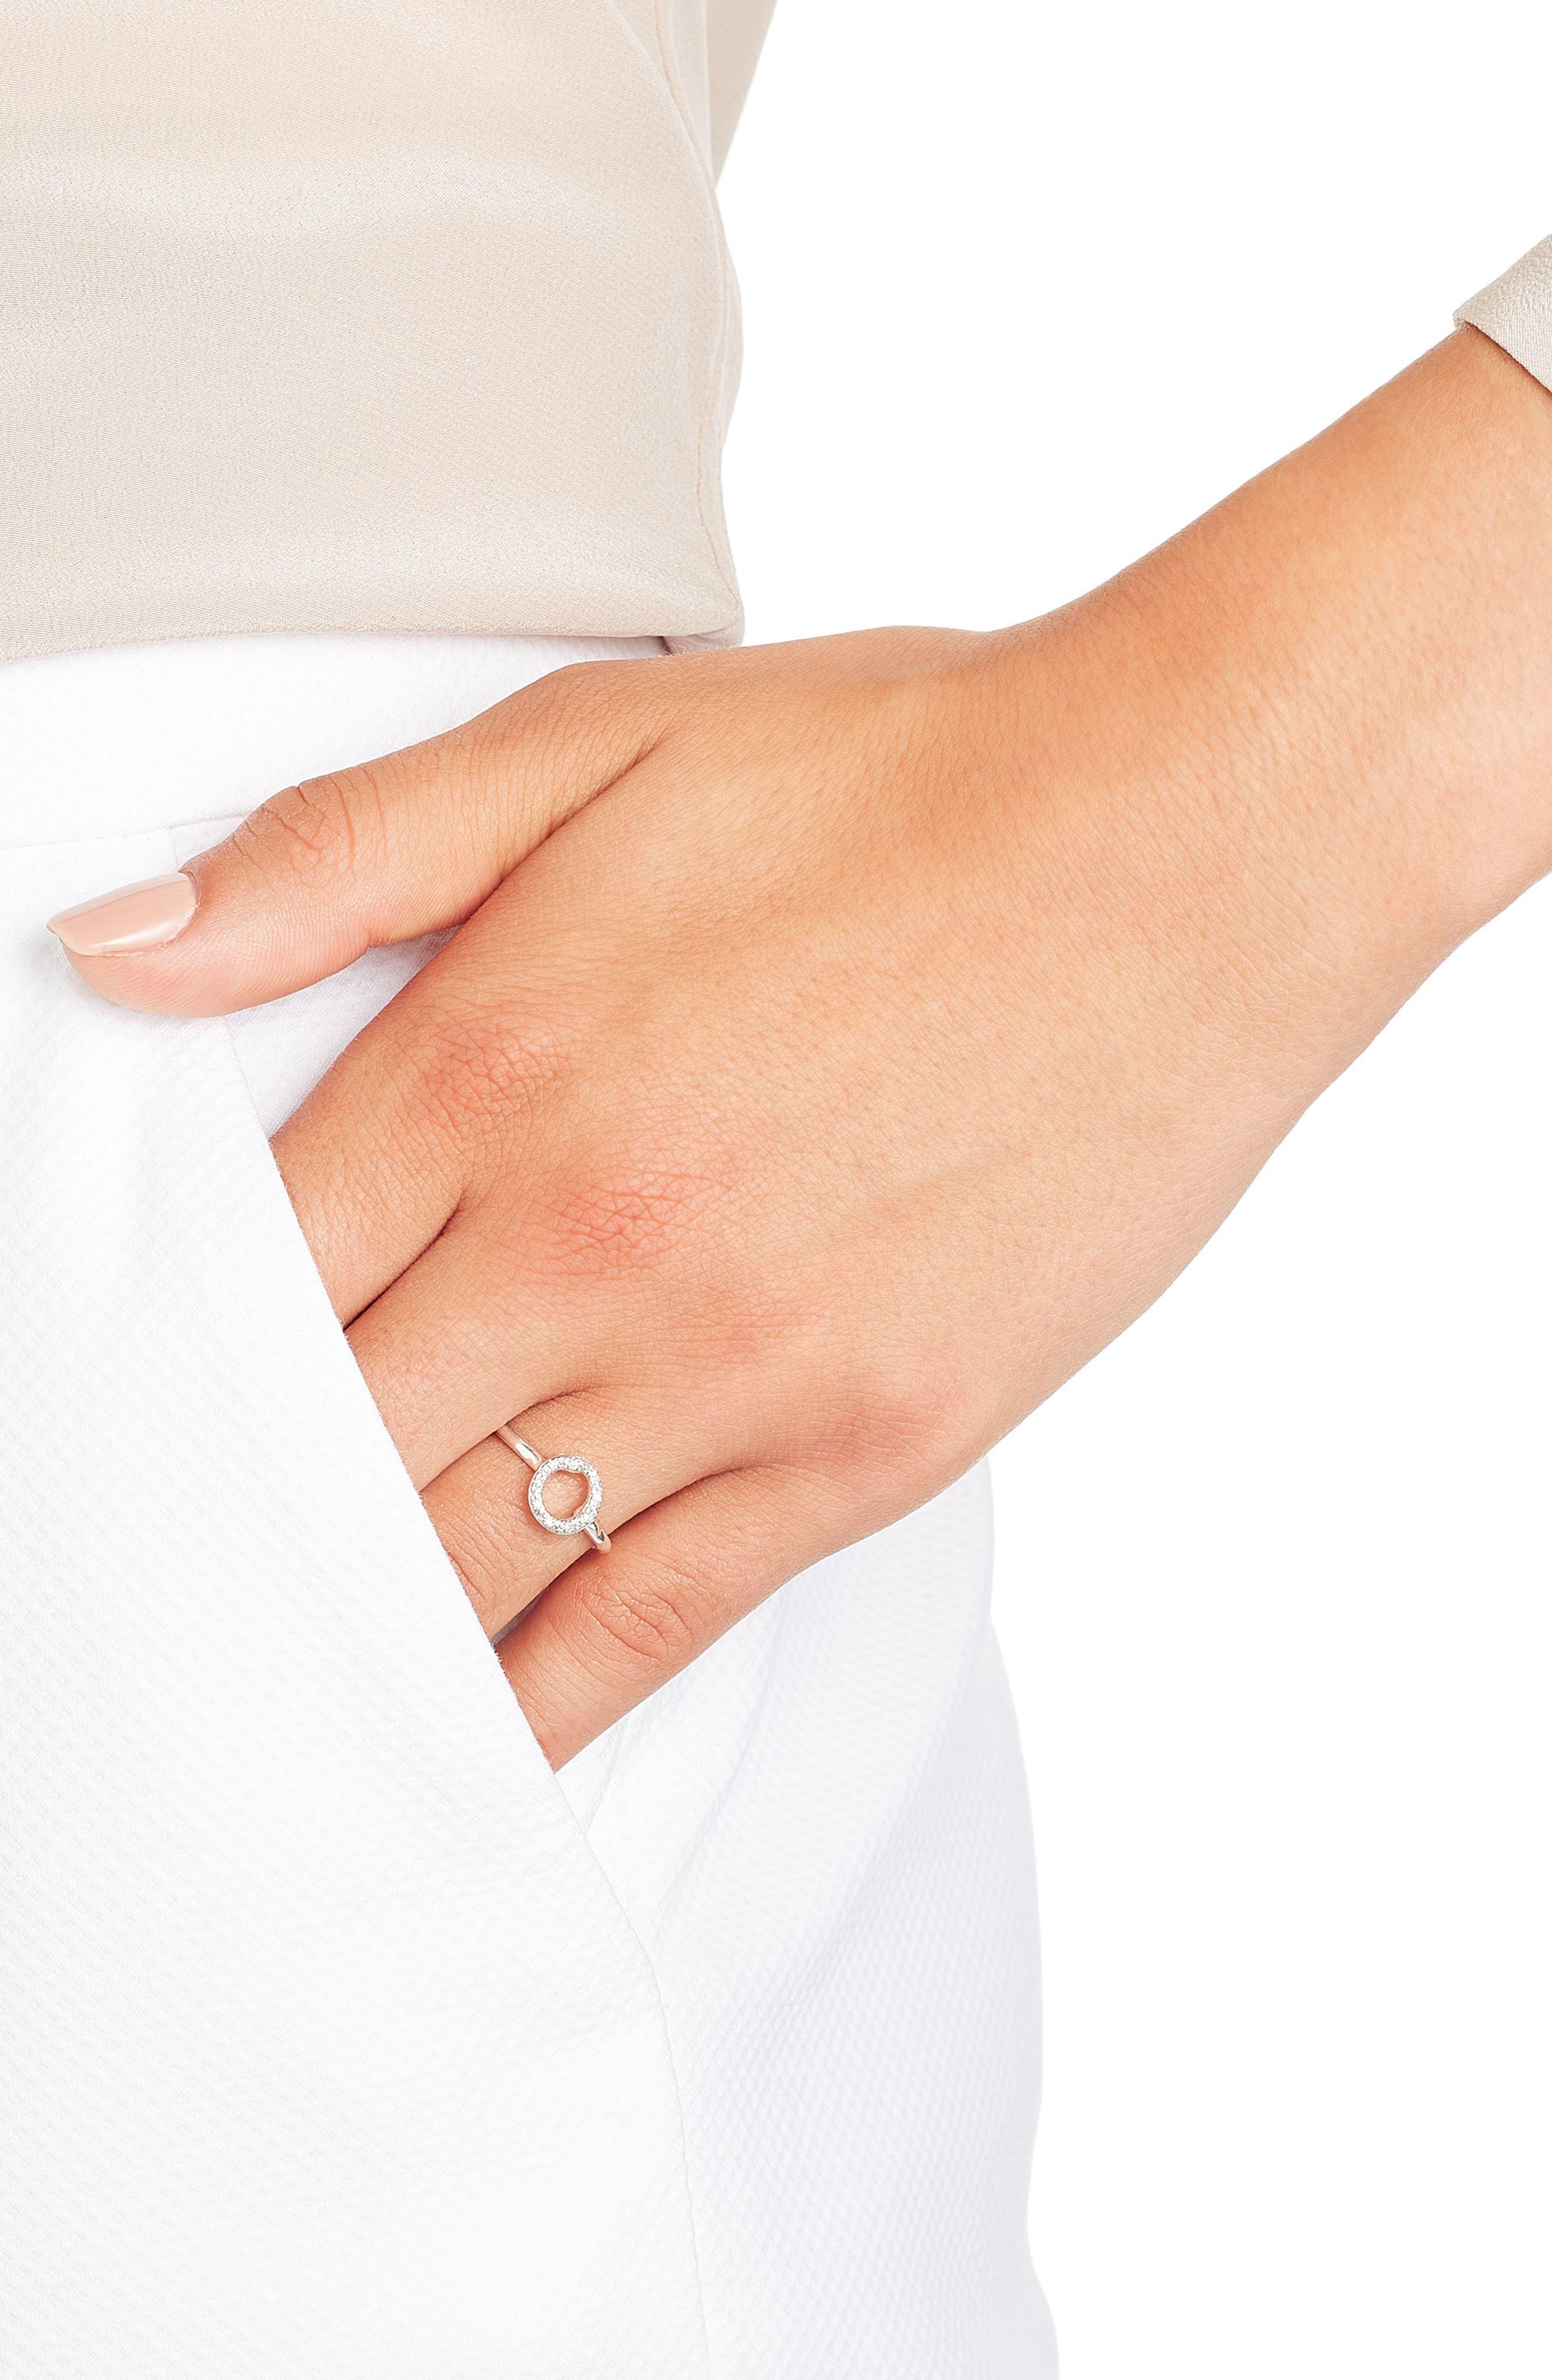 Riva Diamond Mini Circle Ring,                             Alternate thumbnail 4, color,                             SILVER/ DIAMOND